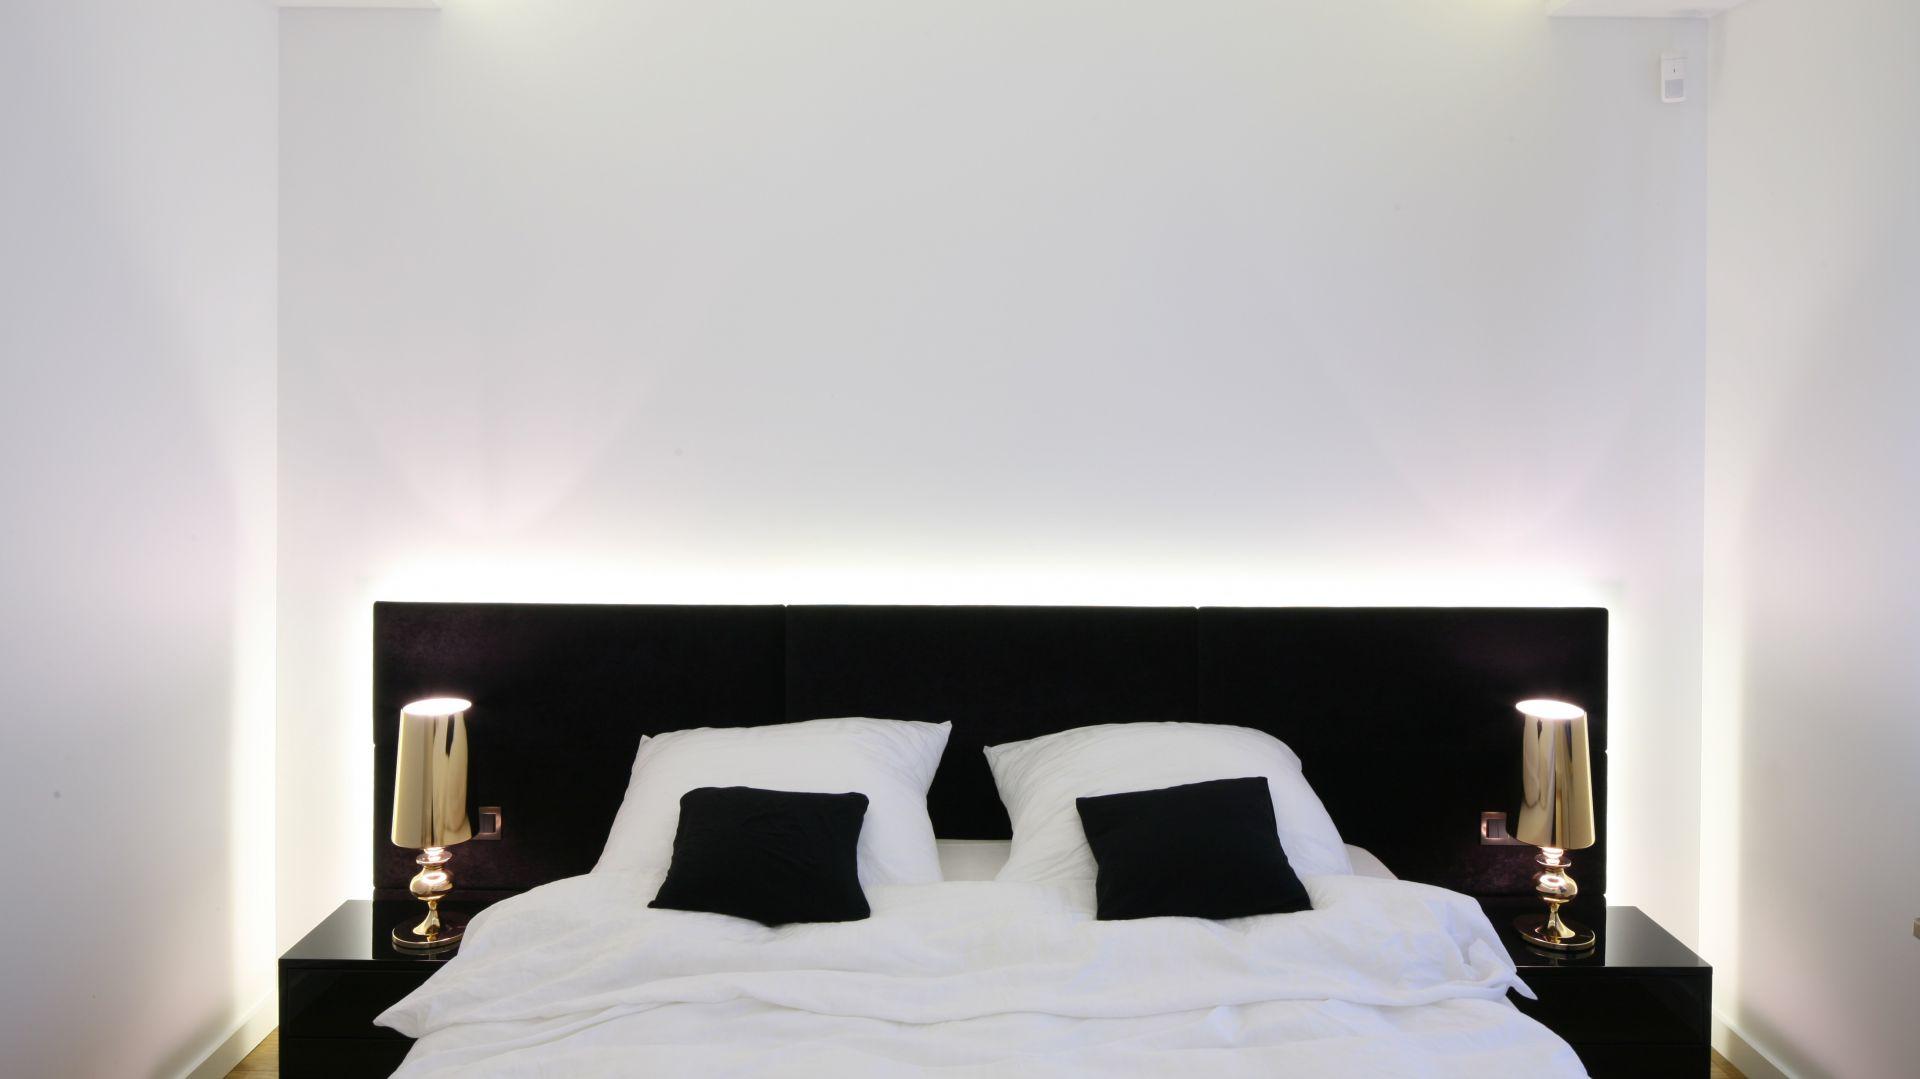 Złote lampki nocne stanowią ozdobę niewielkiej sypialni. Proj. Agnieszka Hajdas - Obajtek. Fot.Bartosz Jarosz.